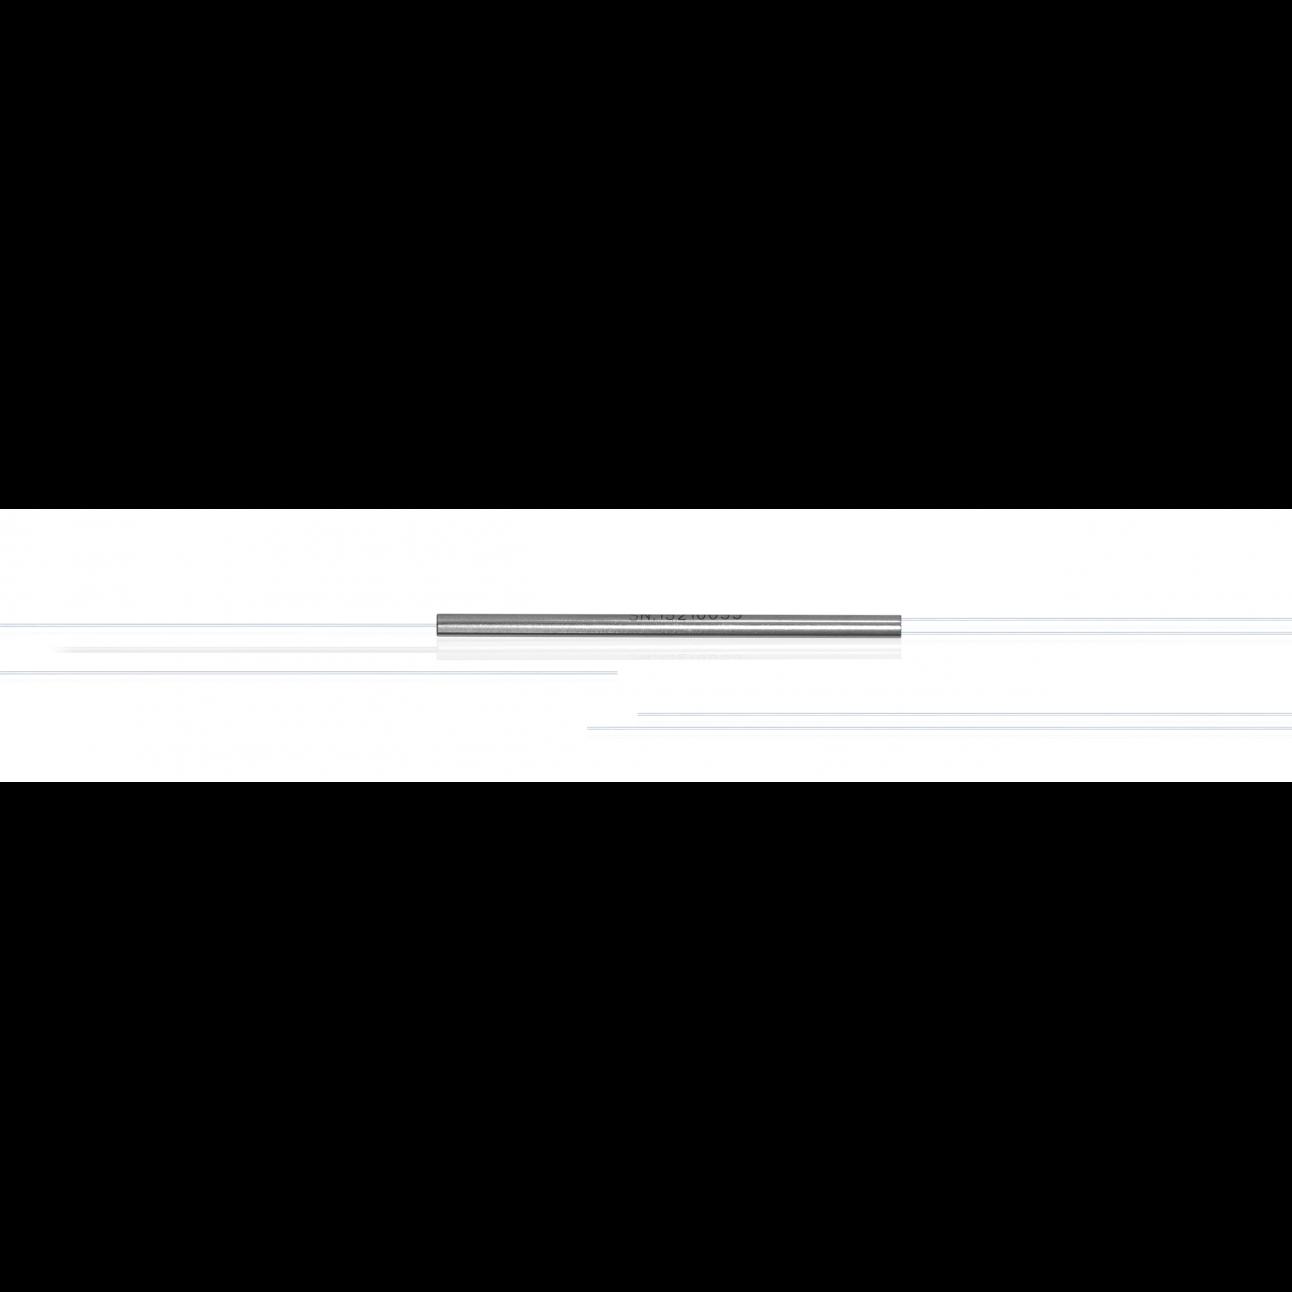 Делитель оптический бескорпусный буфер 225нм 1х2, 30/70, B-Optics (комплект из 2 шт.)